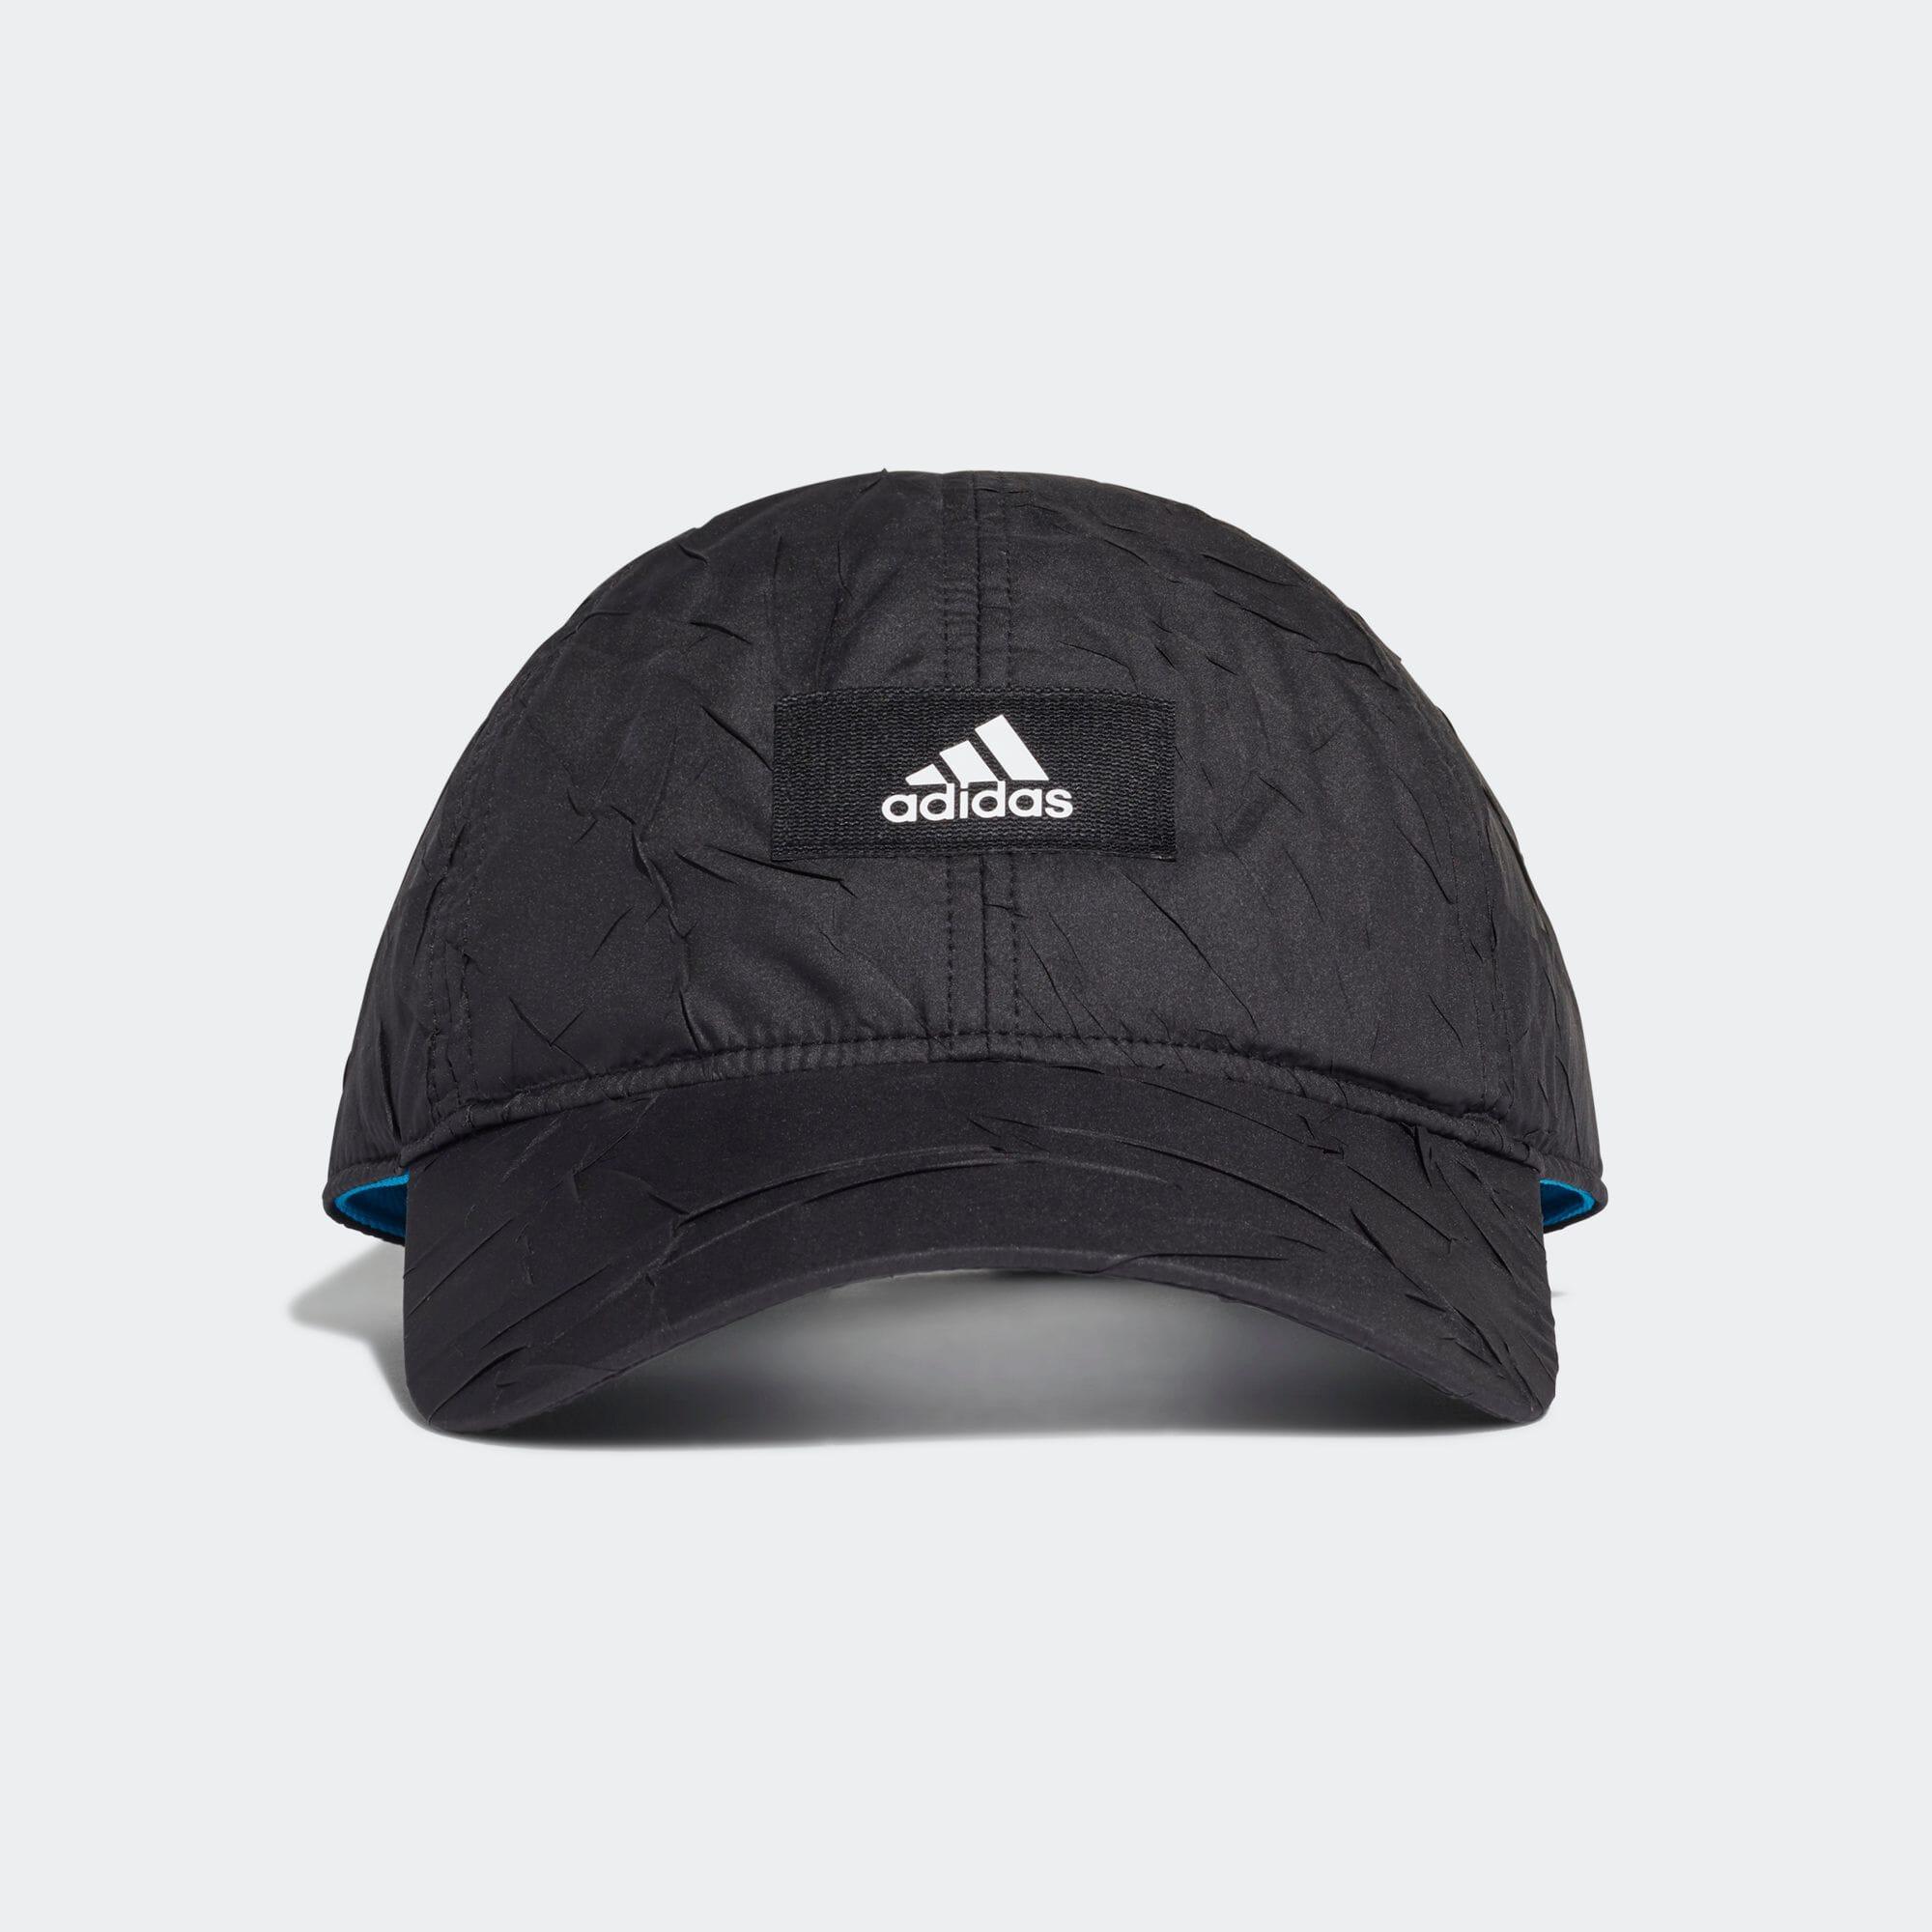 PRIMEBLUE ベースボールキャップ / Primeblue Baseball Cap